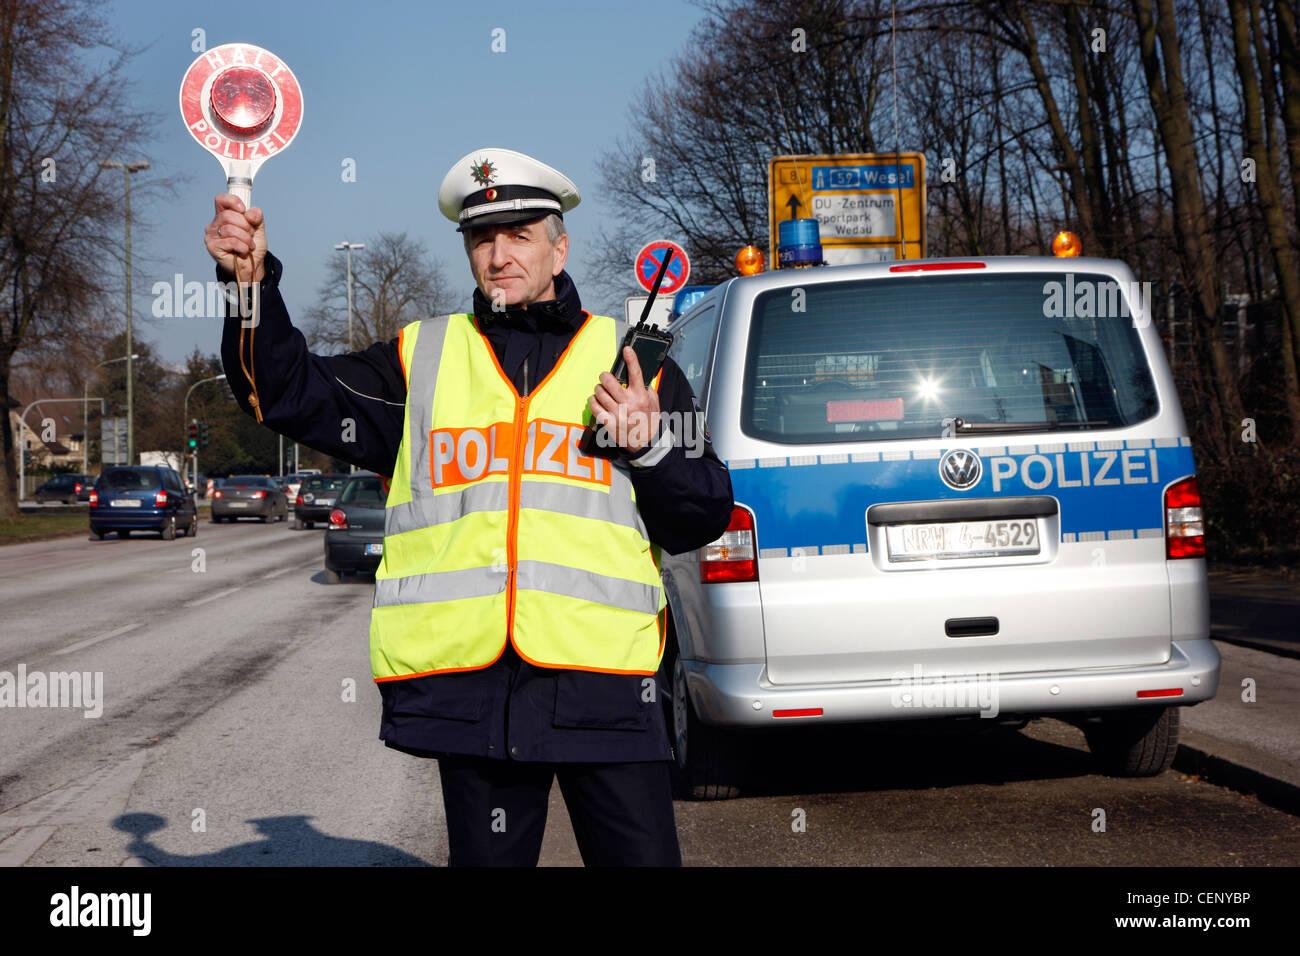 Polizeikontrolle, Verkehr Drehzahlregelung, Polizist stoppt Autos auf einer Straße. Stockbild